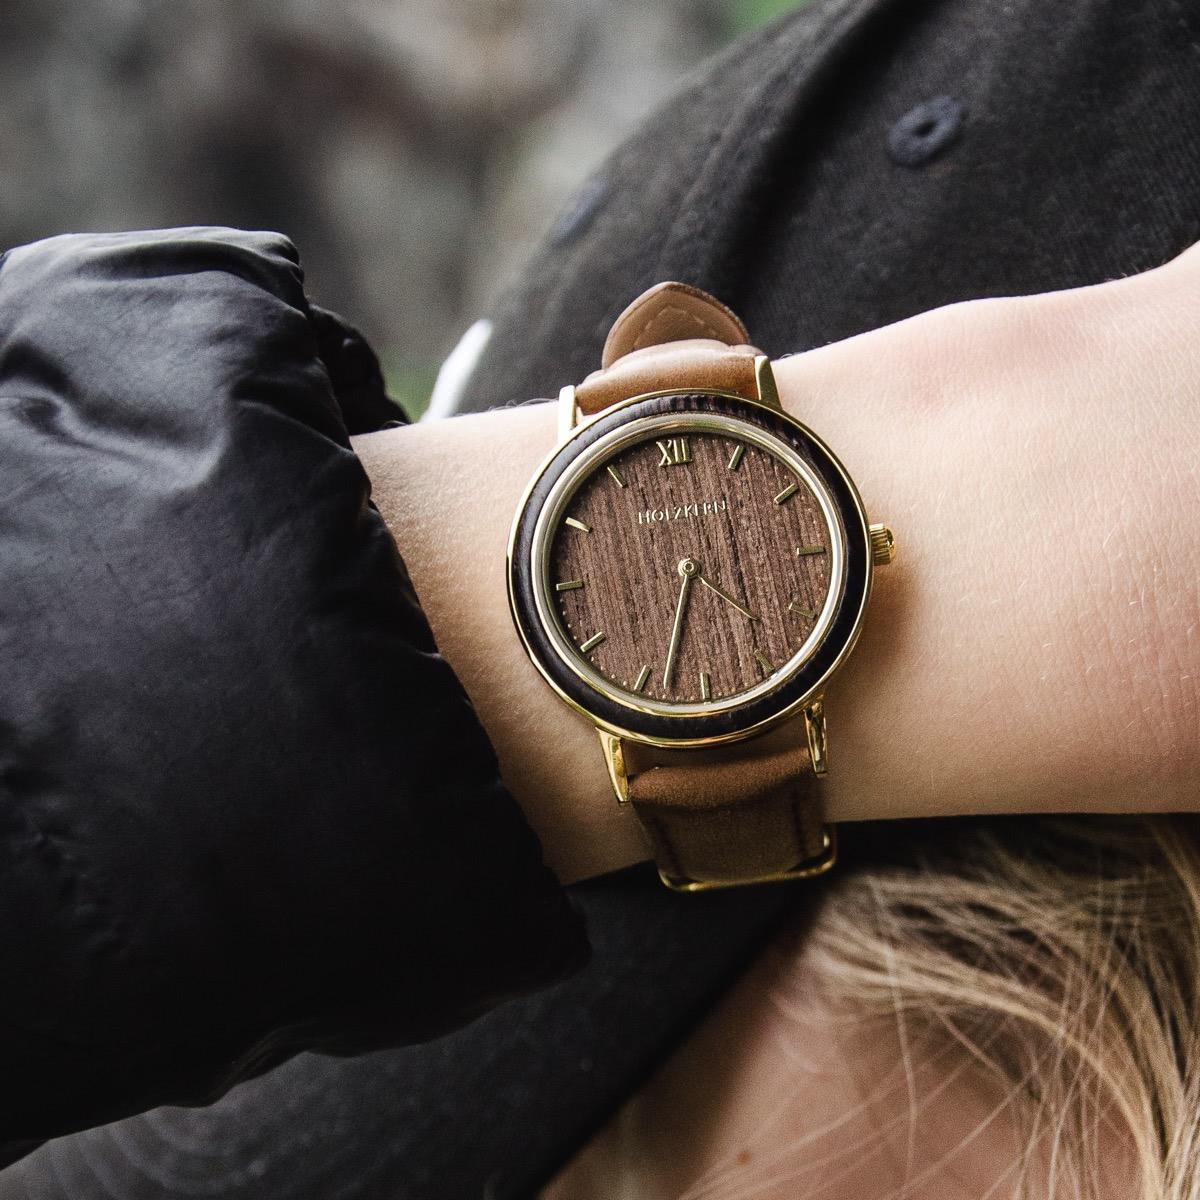 Holzkern Holzuhr Phoenix aus Wenge & goldenem Edelstahl ist ein besonders dünnes Modell, das im Bild am Handgelenk einer Dame zu sehen ist